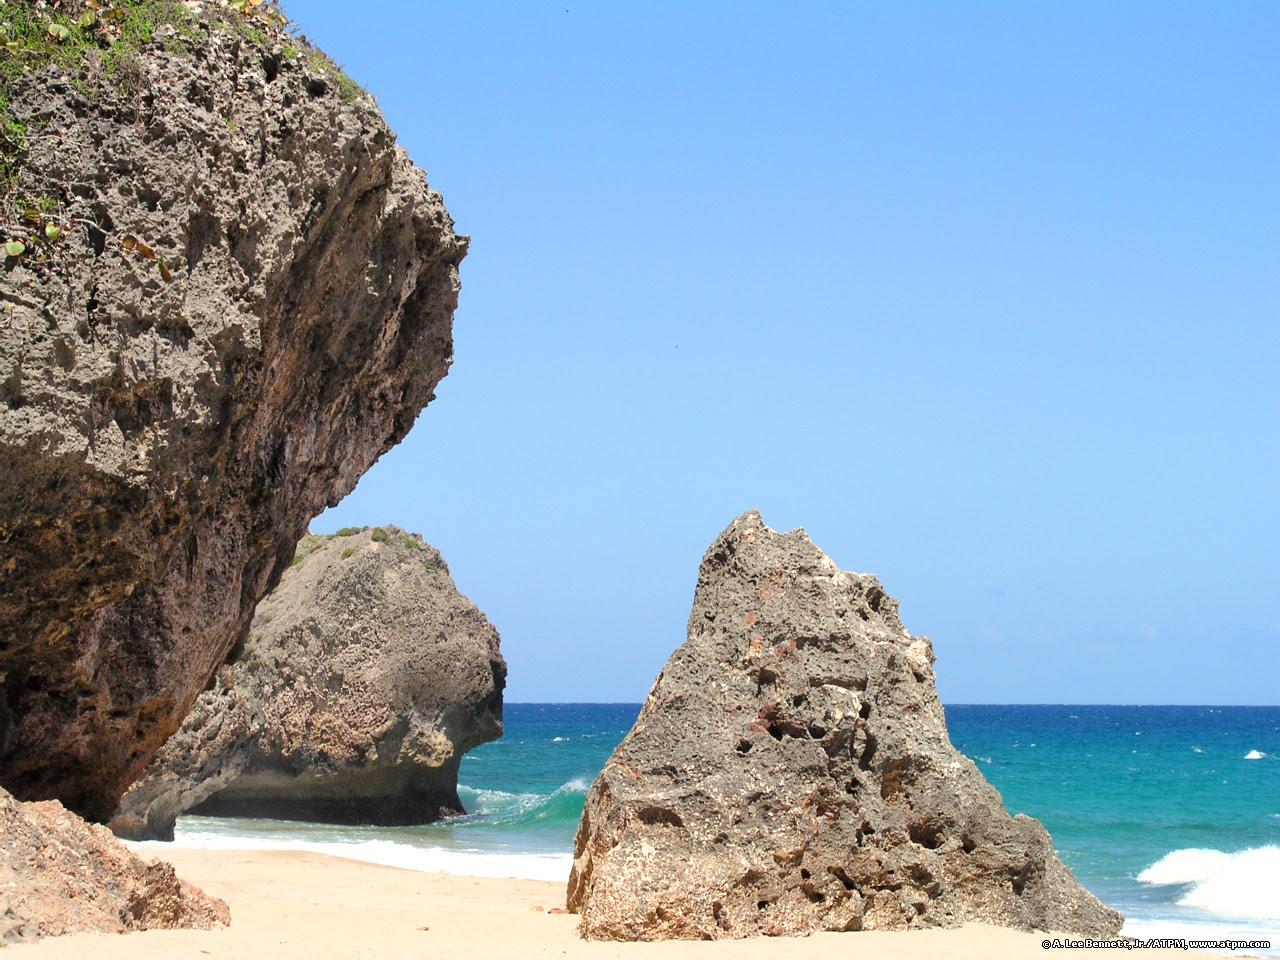 Aguadilla Beach Puerto Rico Wallpaper 331528 Fanpop